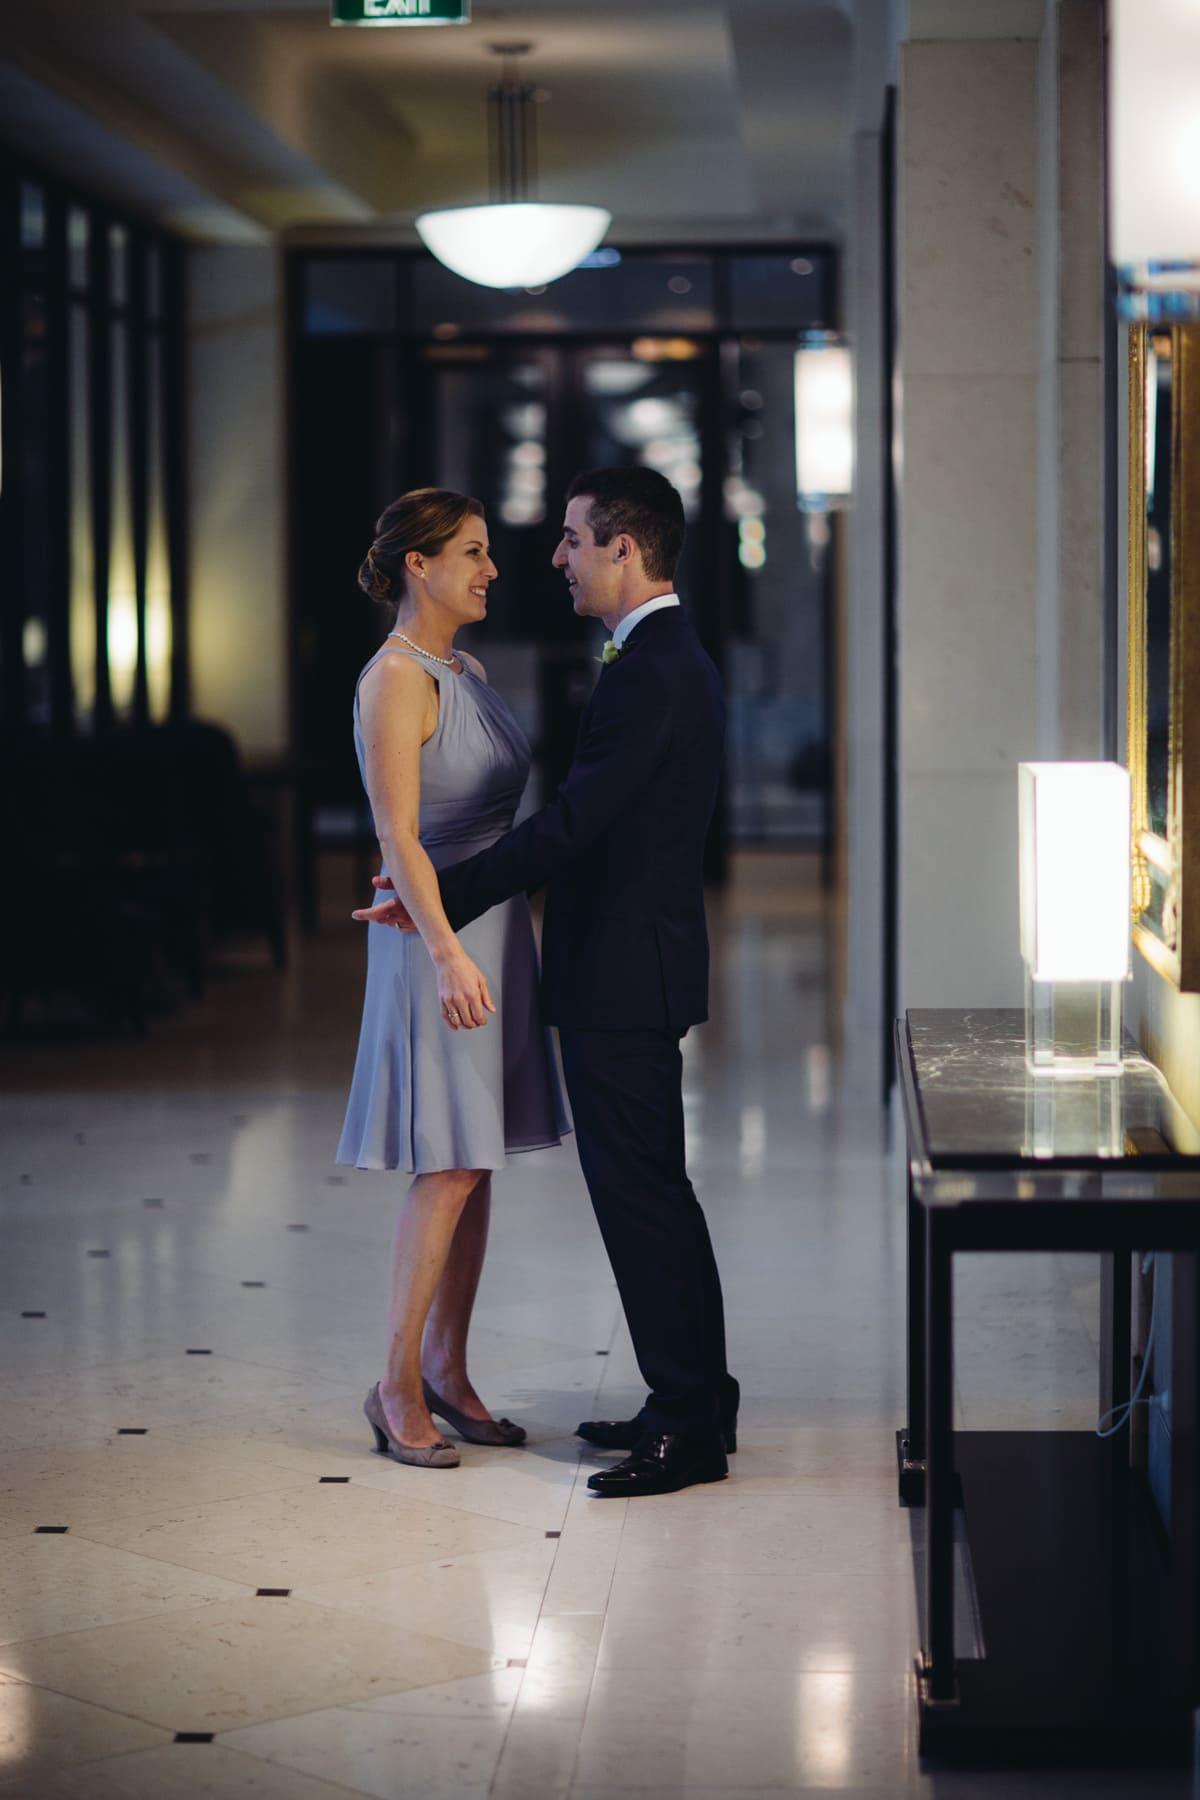 luxury wedding - couple in style